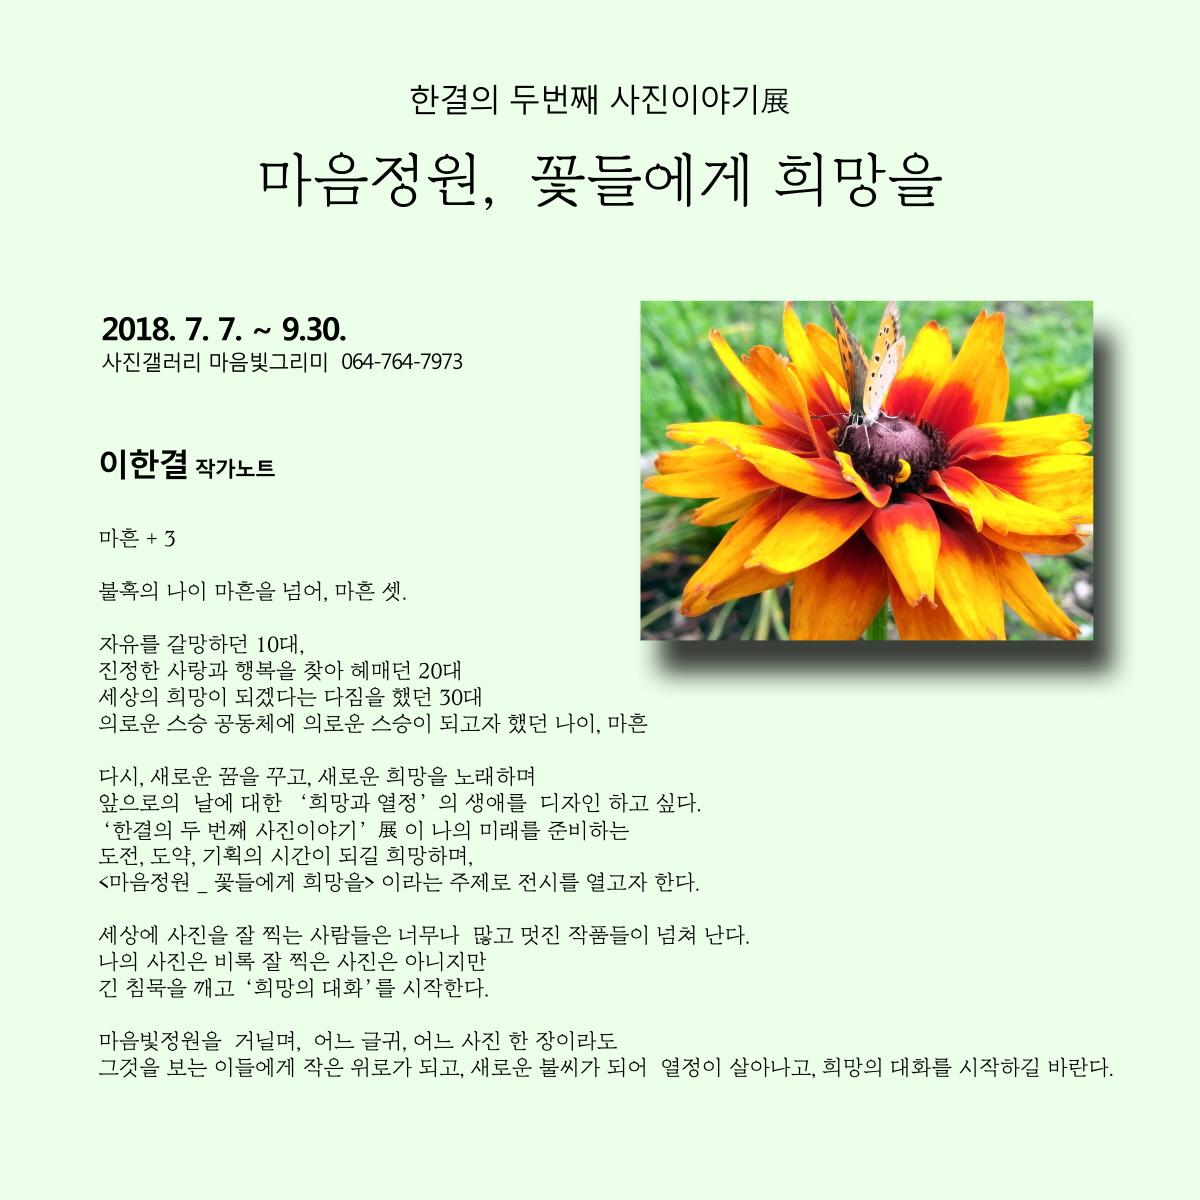 크기변환_이한결 작품 24-1.jpg